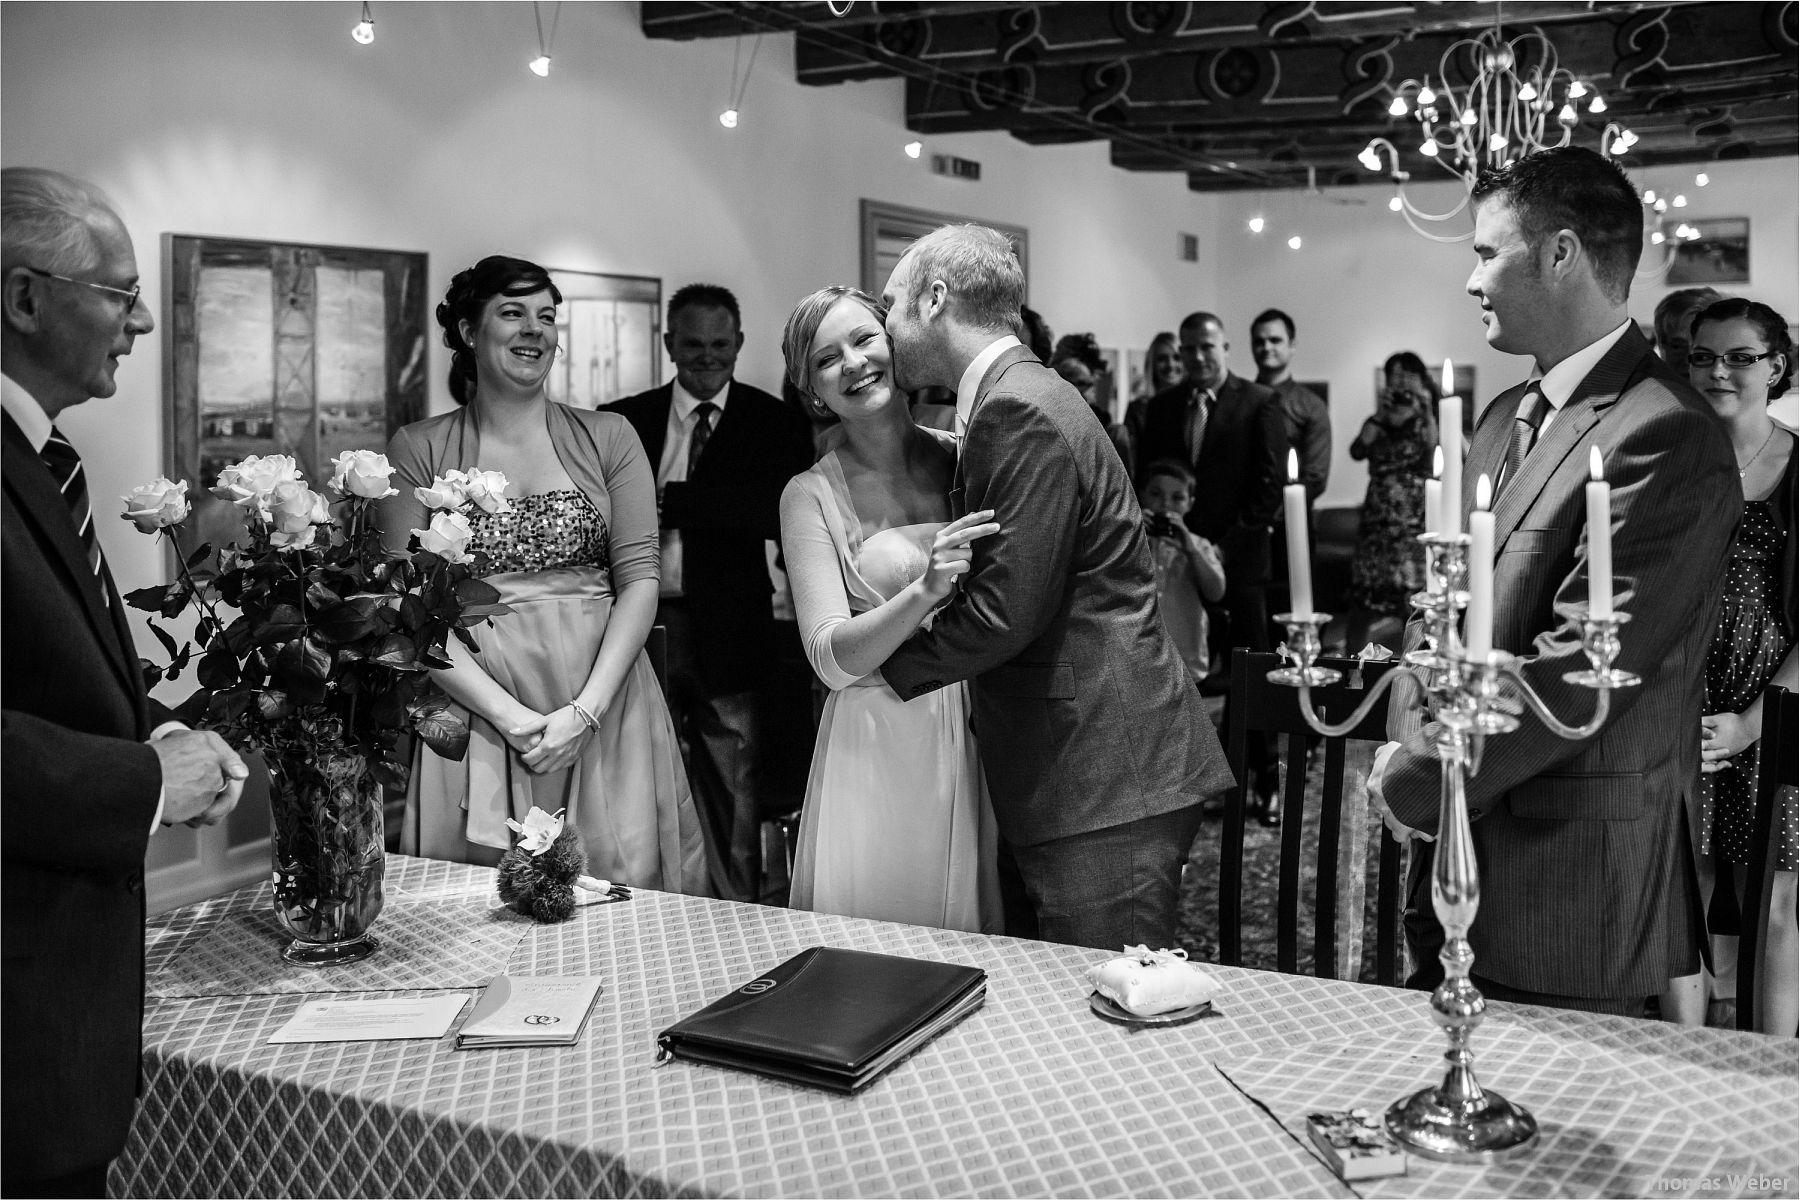 Hochzeitsfotograf Papenburg: Standesamtliche Trauung auf der Burg Kniphausen und Feier im Le Patron am Meer (11)